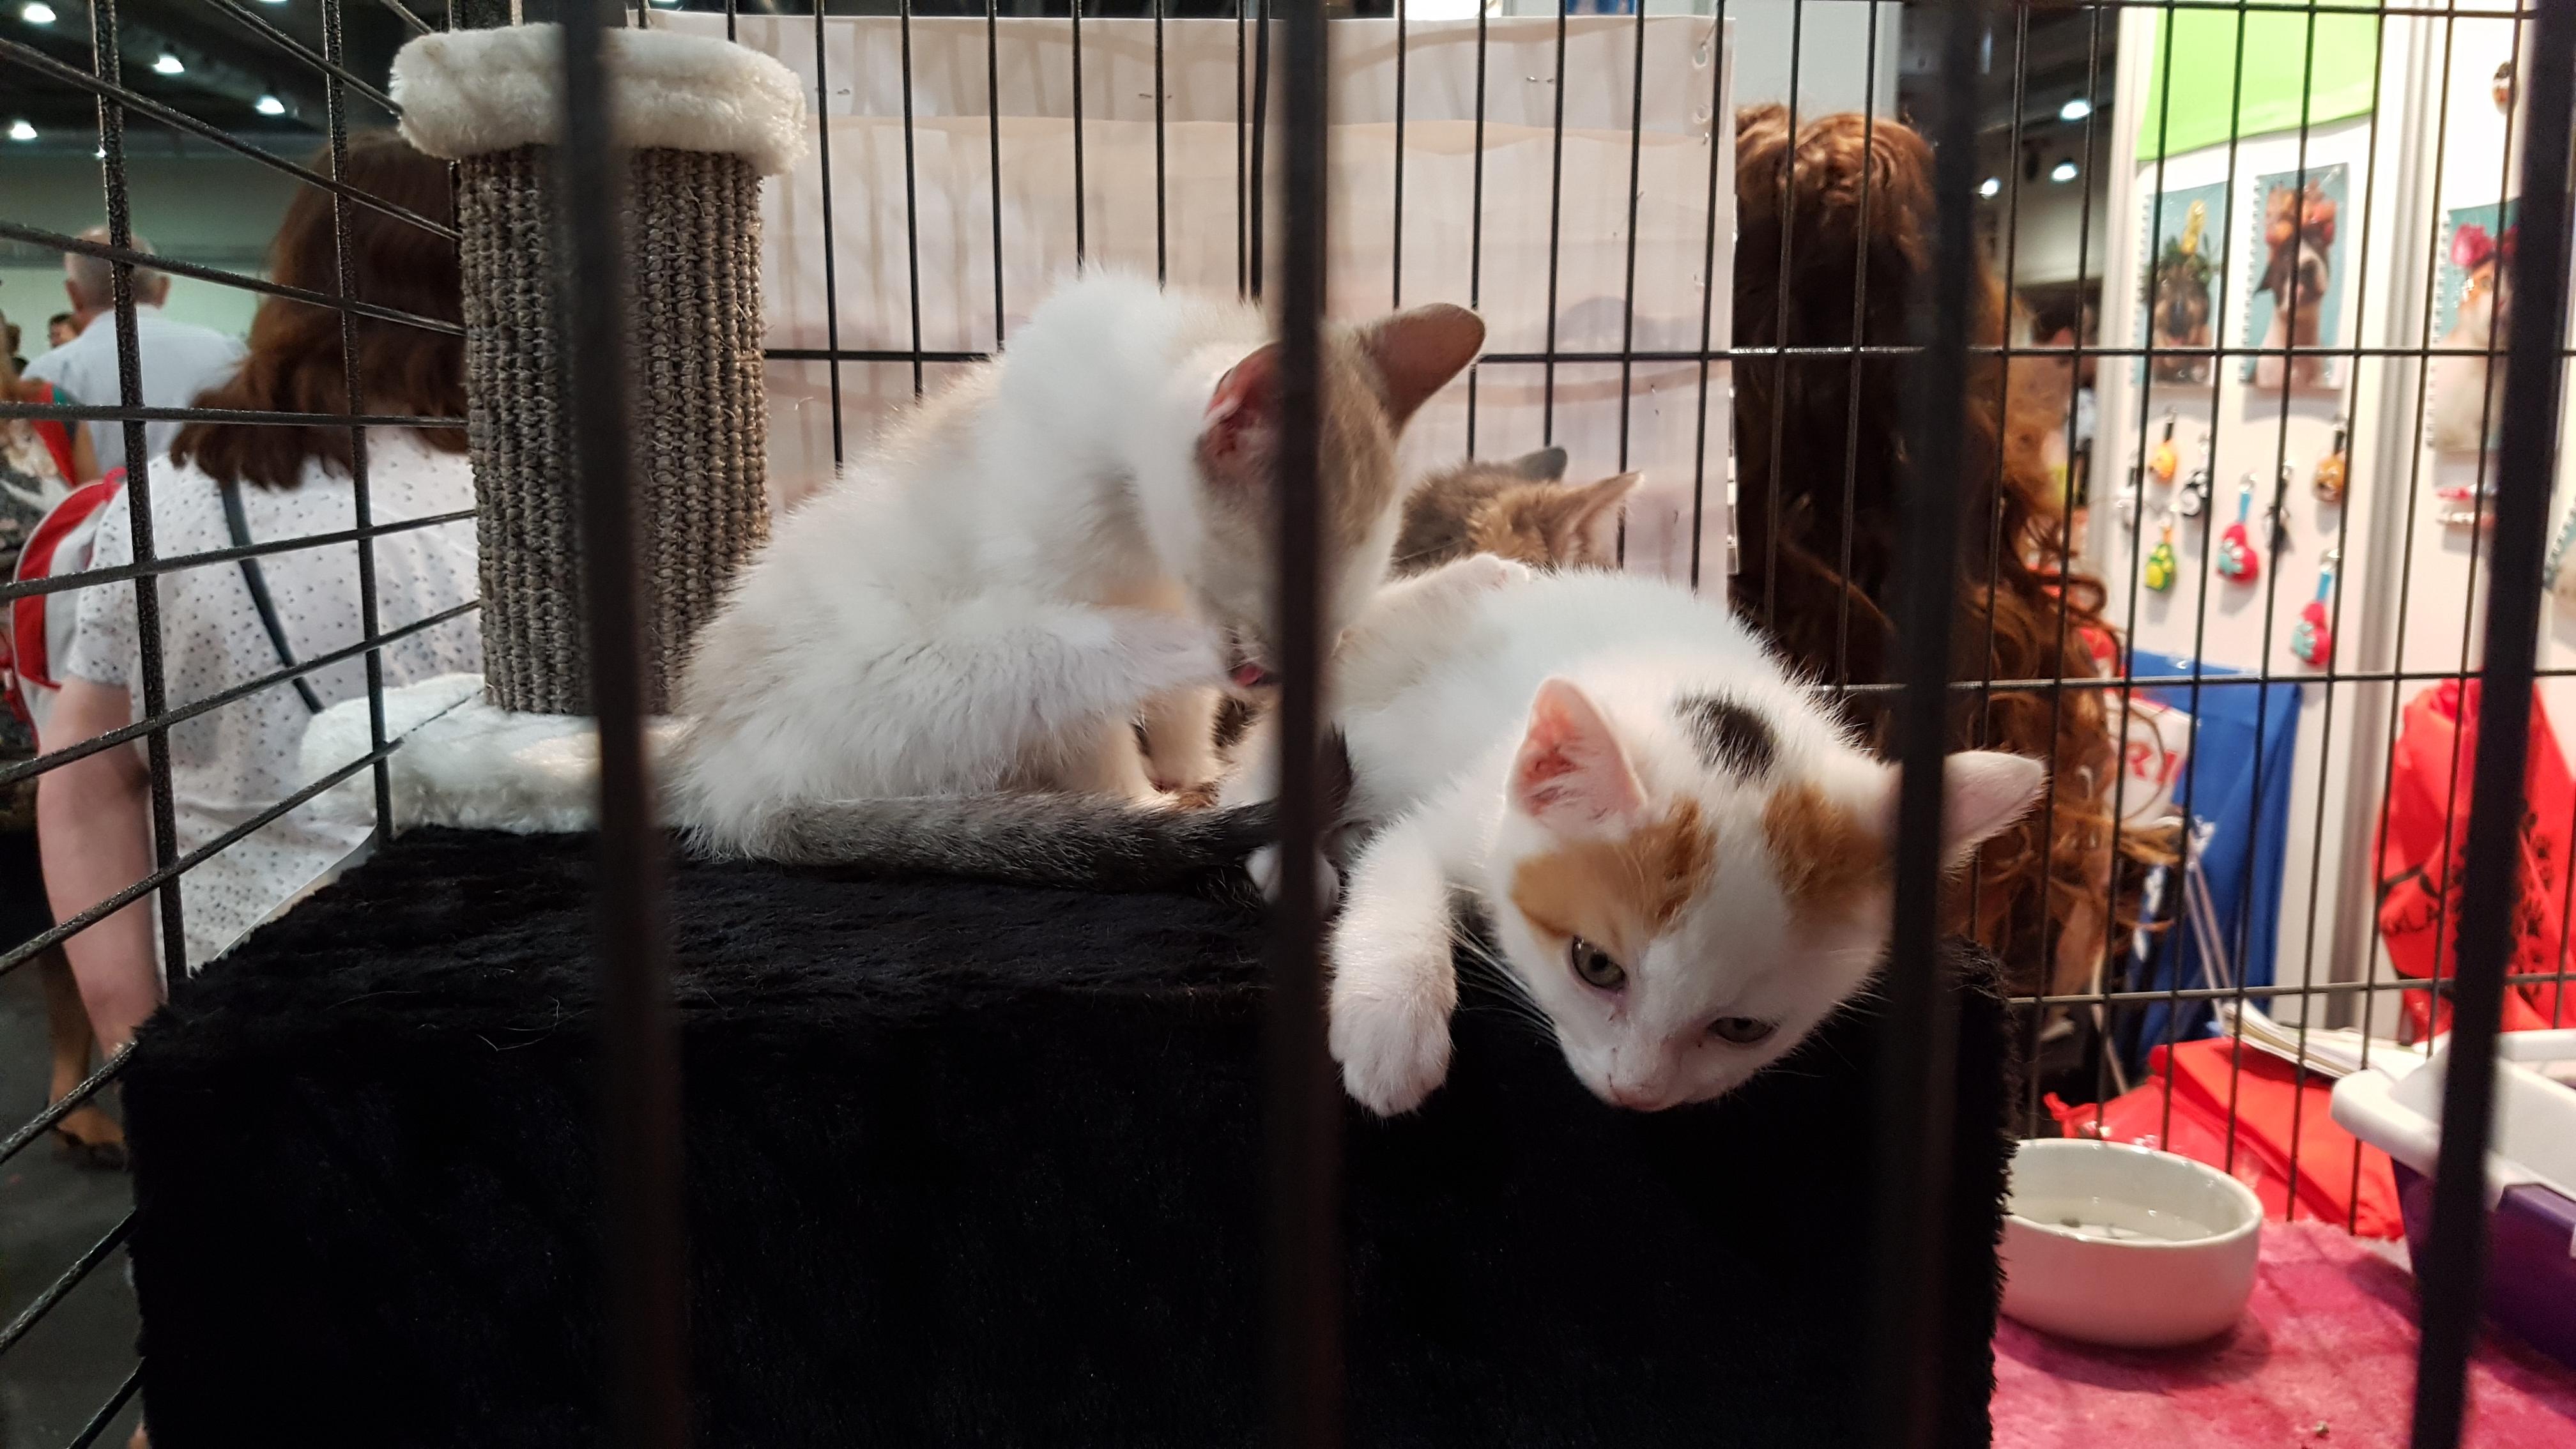 gatos, , adopción, abandono, maltrato, animal, protectoras